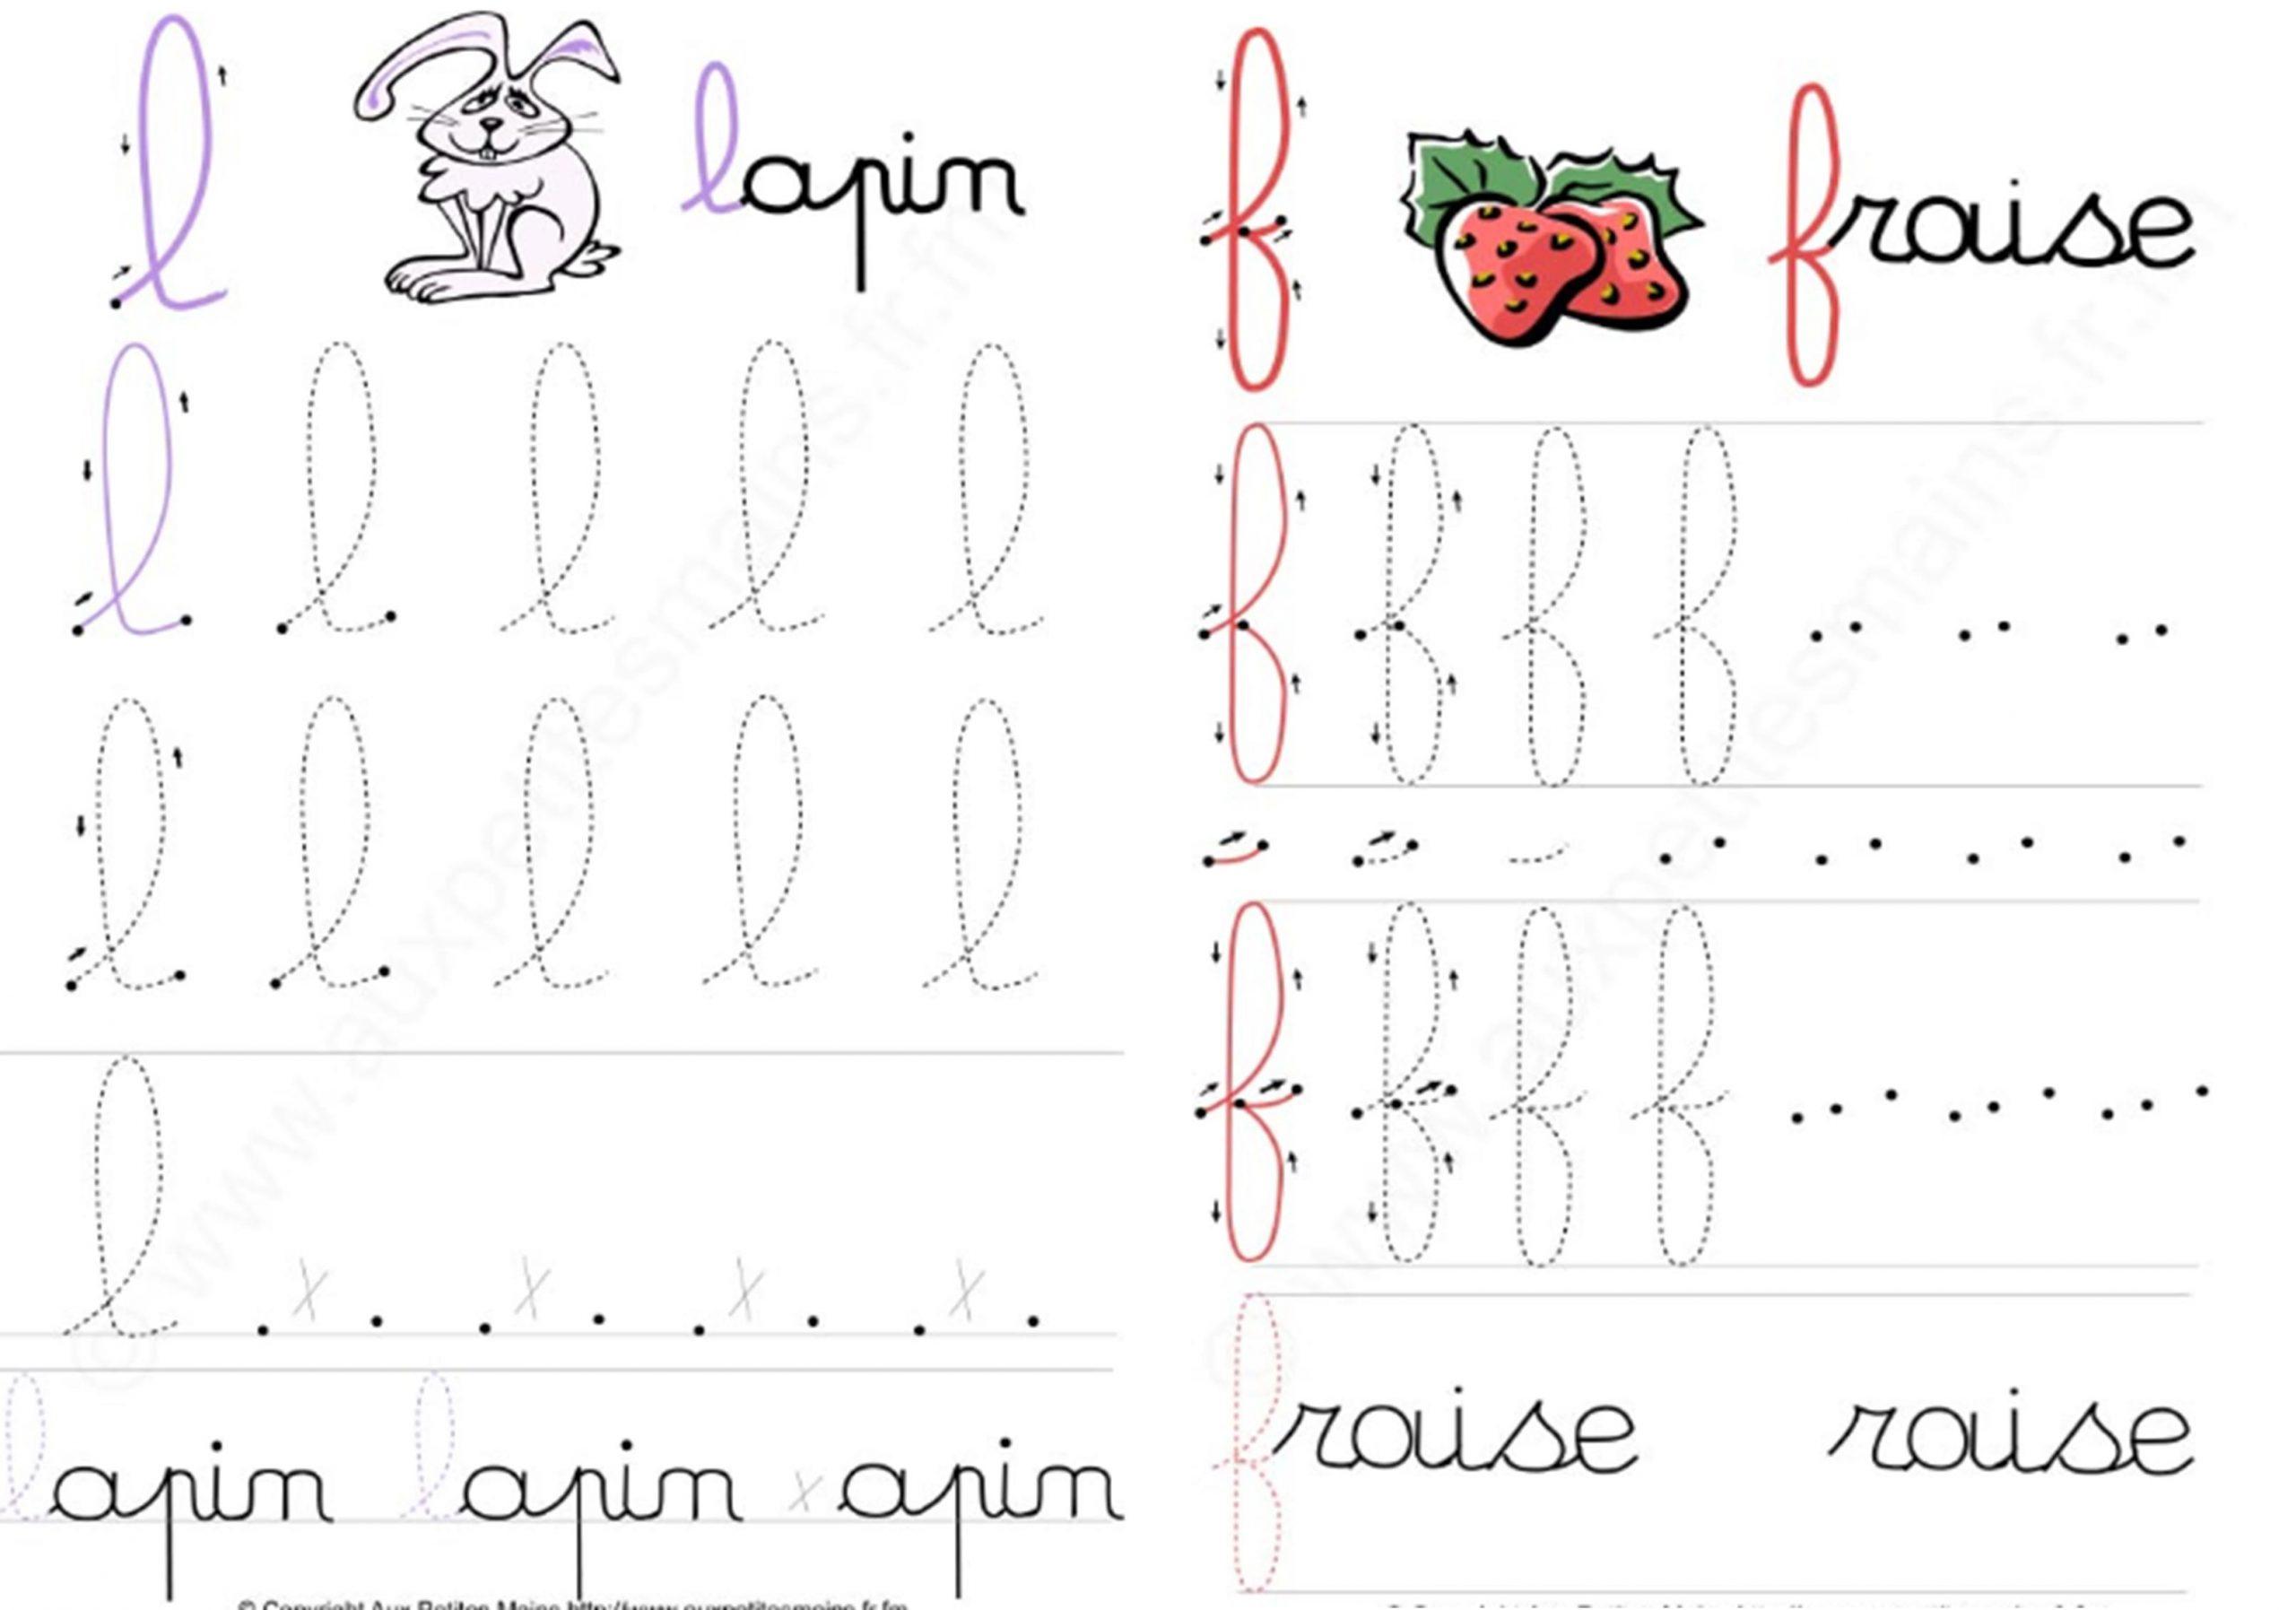 Fichier D'écriture Grande Section | Le Blog De Monsieur Mathieu intérieur Graphisme Gs A Imprimer